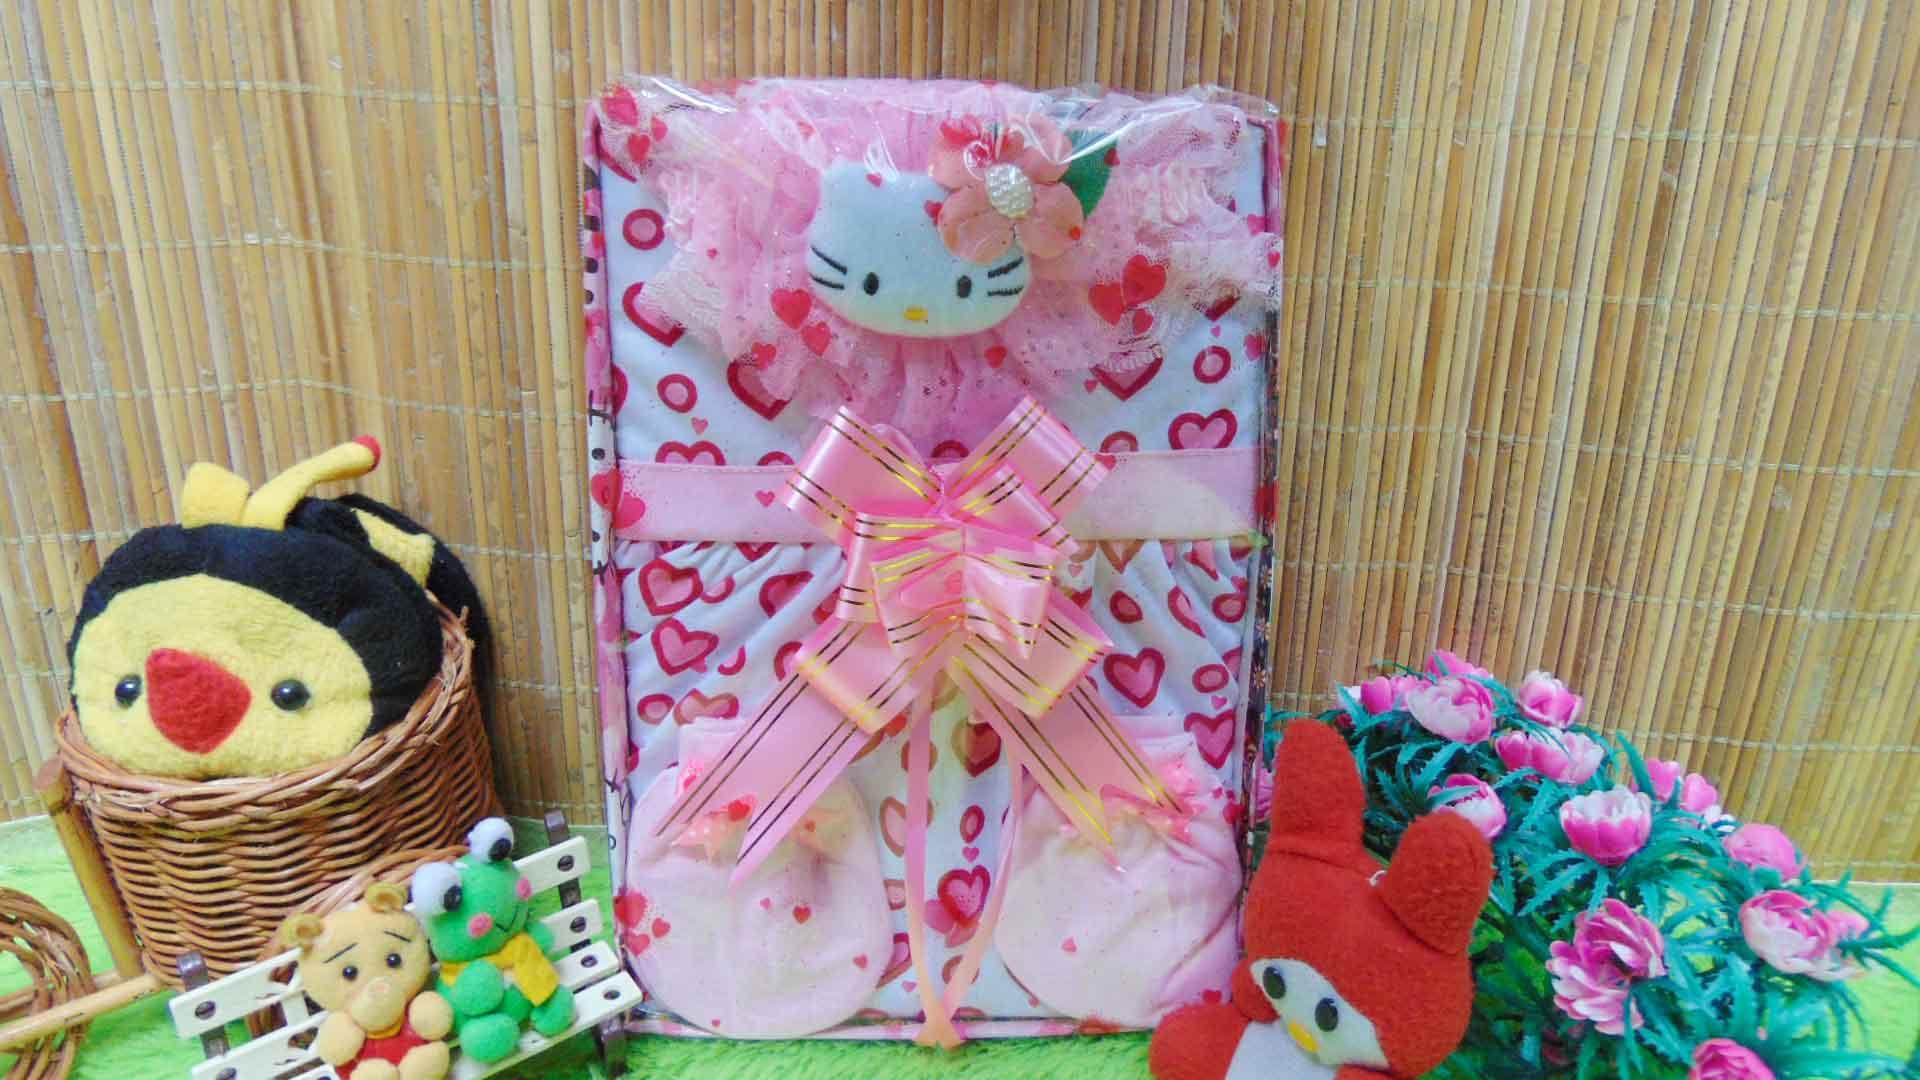 FREE KARTU UCAPAN Kado Lahiran Box Paket Kado Bayi Perempuan Cewek Baby Gift Dress Love Pink 60 terdiri Dress bayi 0-9bln,bando hello kitty,sarung tgn kaki bayi